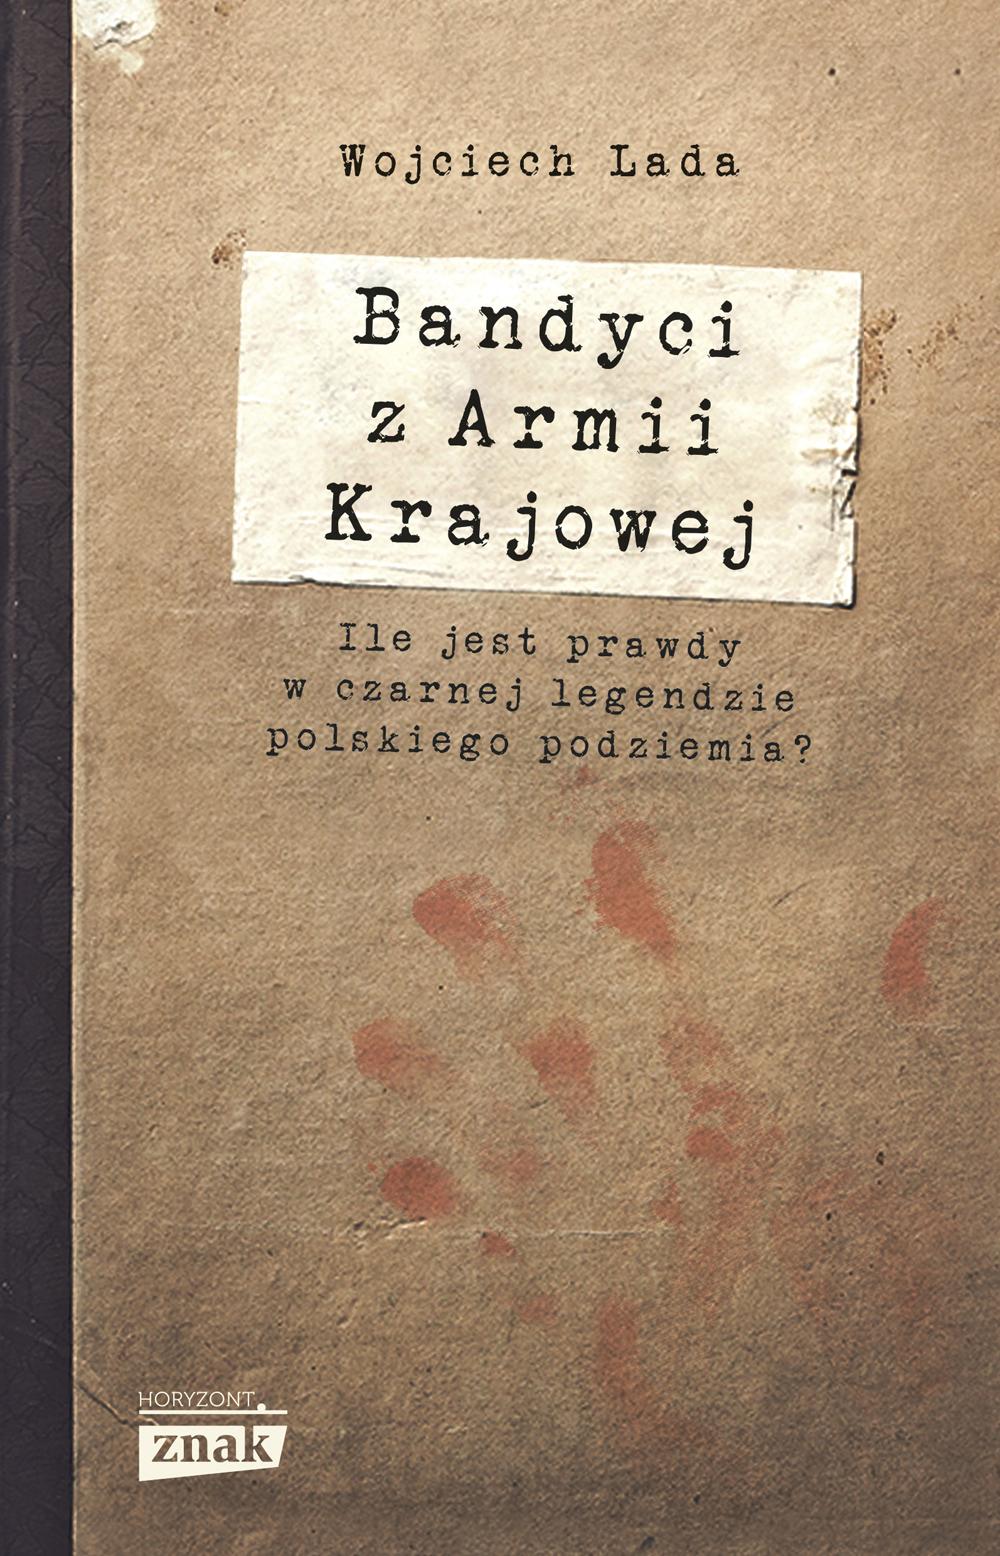 Bandyci z Armii Krajowej Wojciech Lada - sprawdź na TaniaKsiazka.pl!